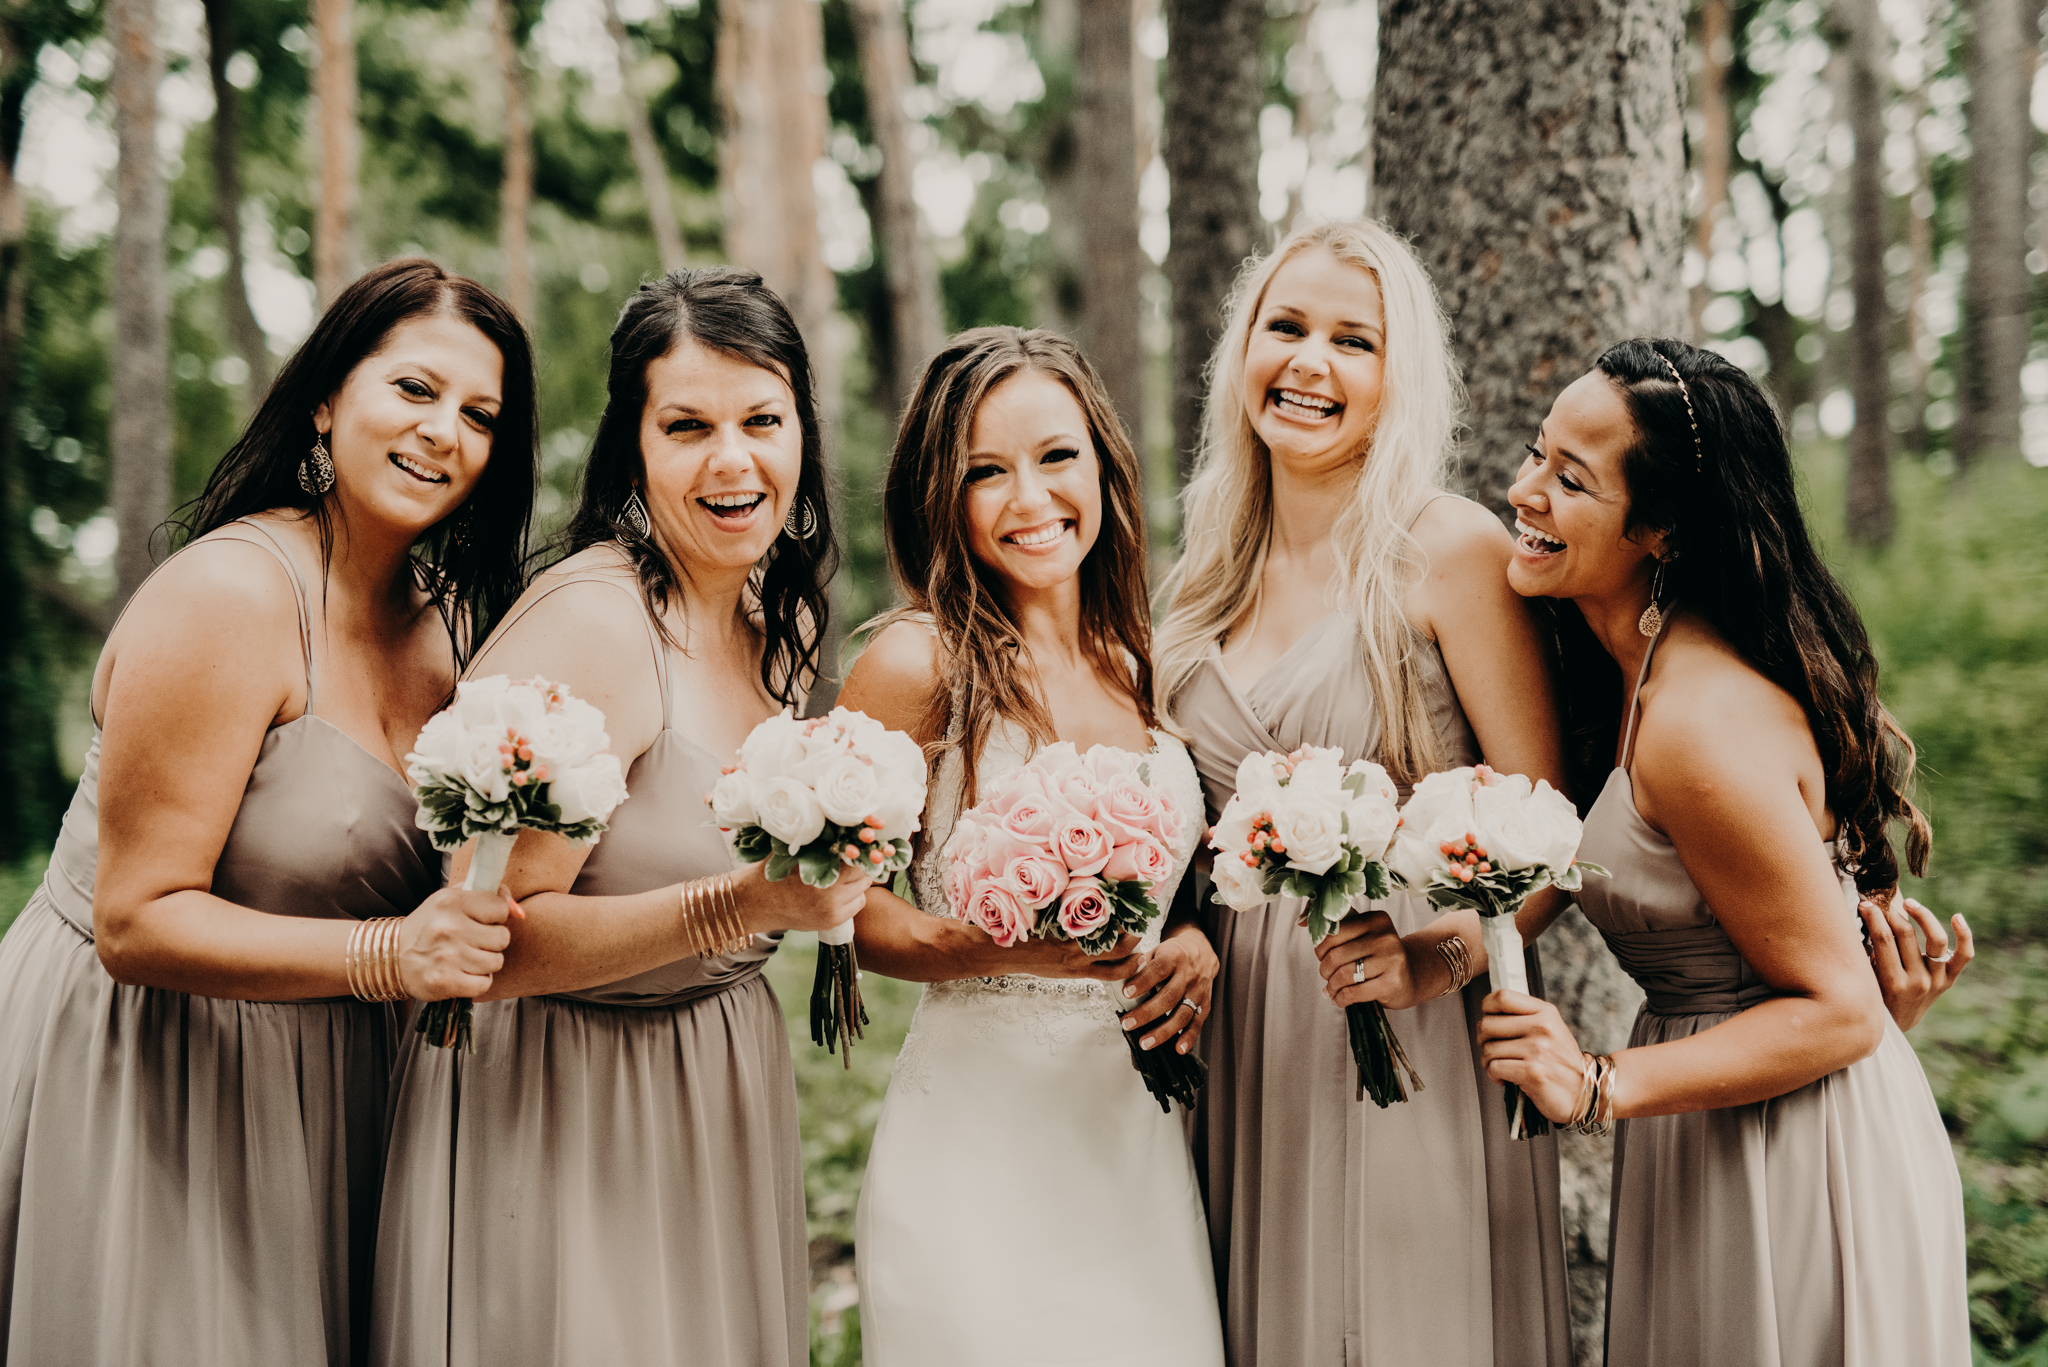 ALEX + JOANNA - THEODORE WIRTH CHALET WEDDING